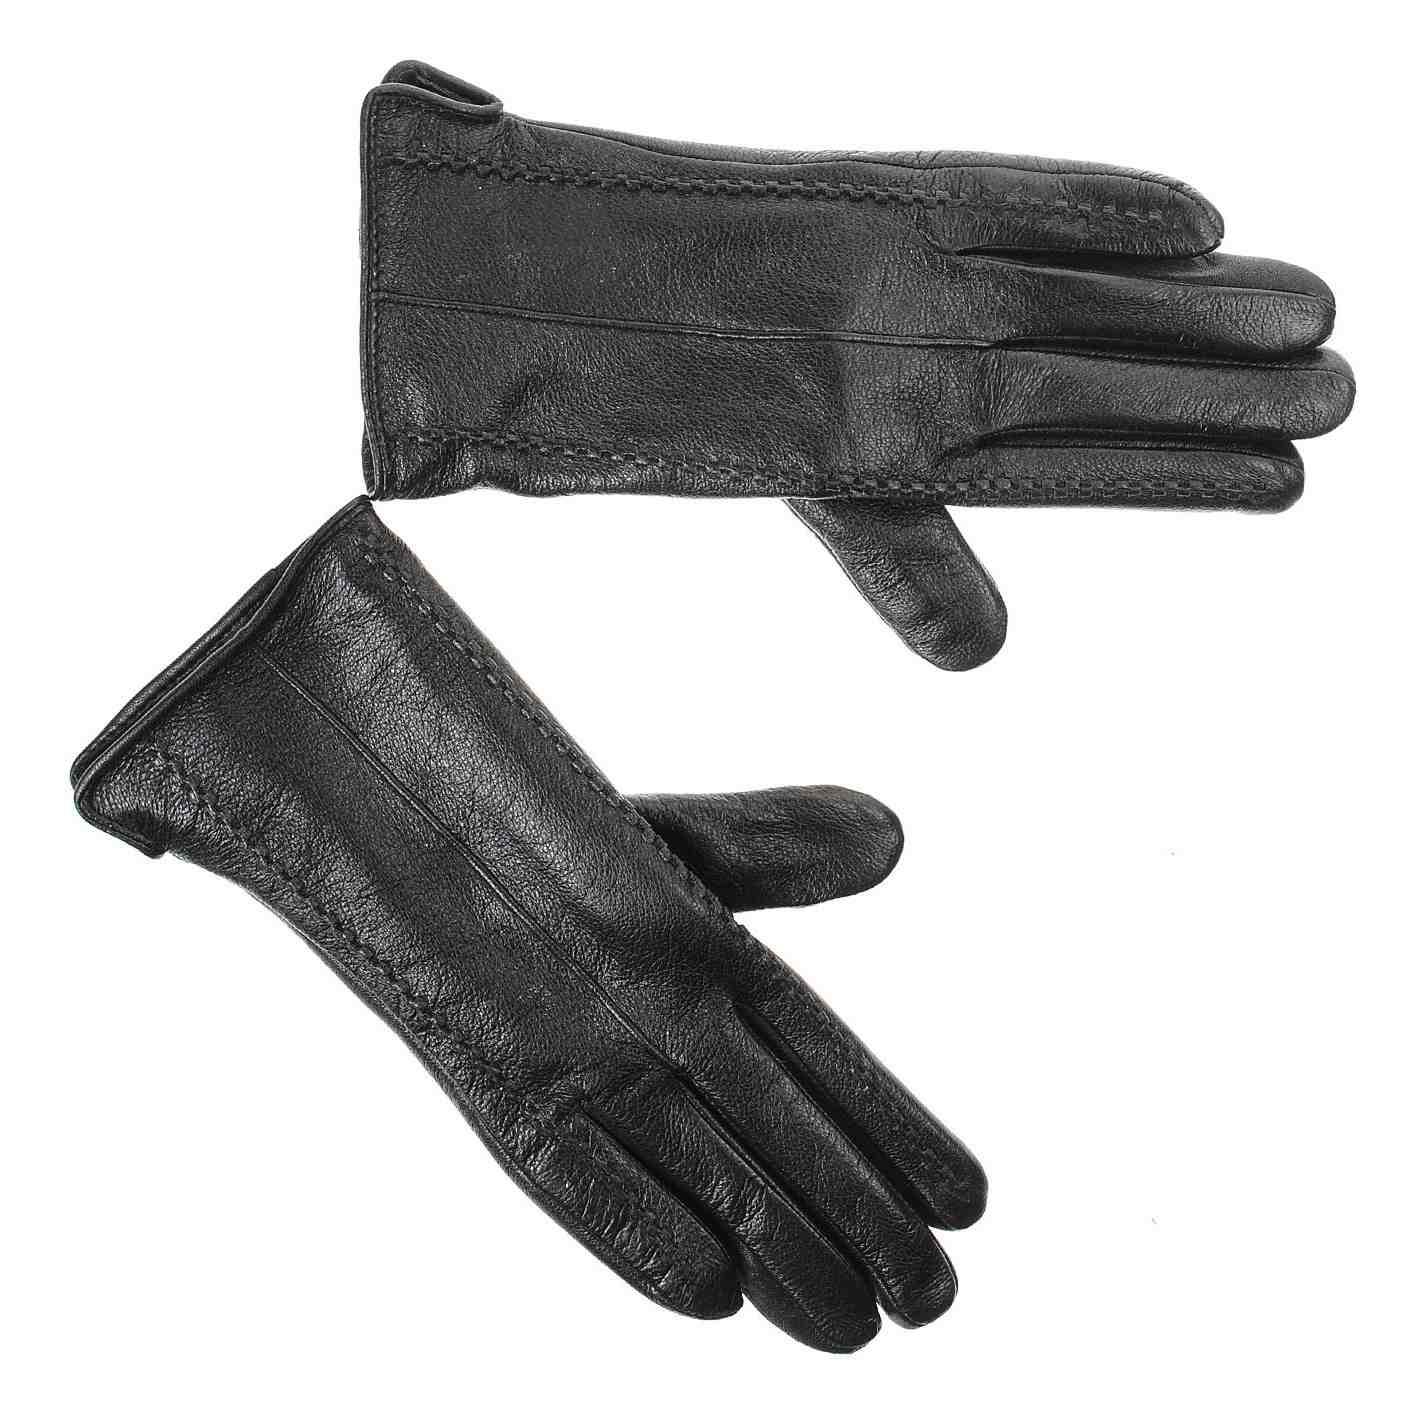 Γυναικεία Δερμάτινα Γάντια Brandbags Collection G107 γυναικα   γυναικείο γάντι